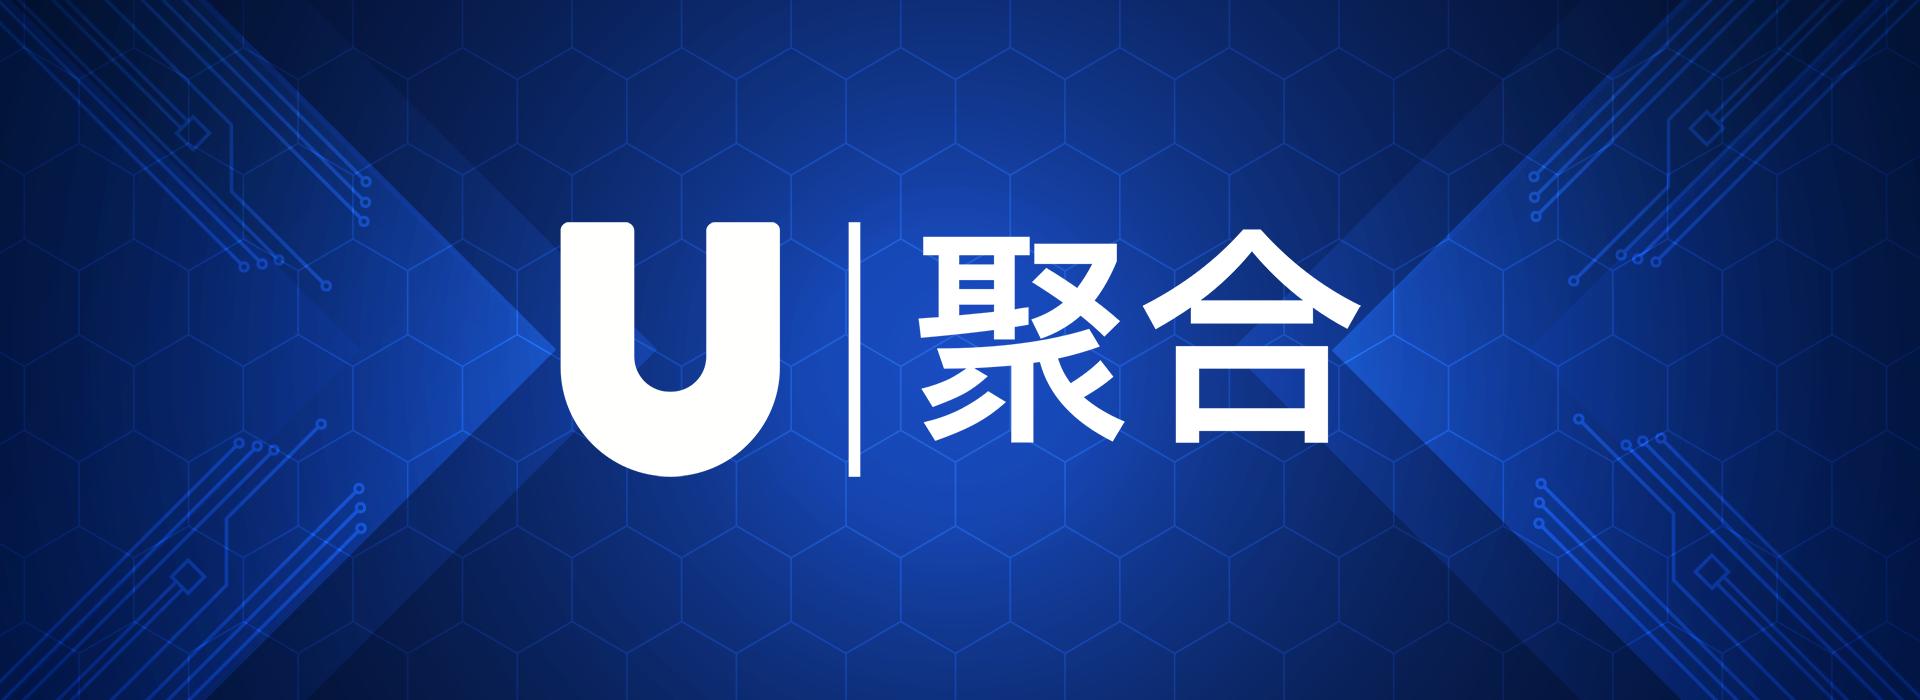 移动营销下半场免费工具先行—U聚合携开发者掘金万亿市场